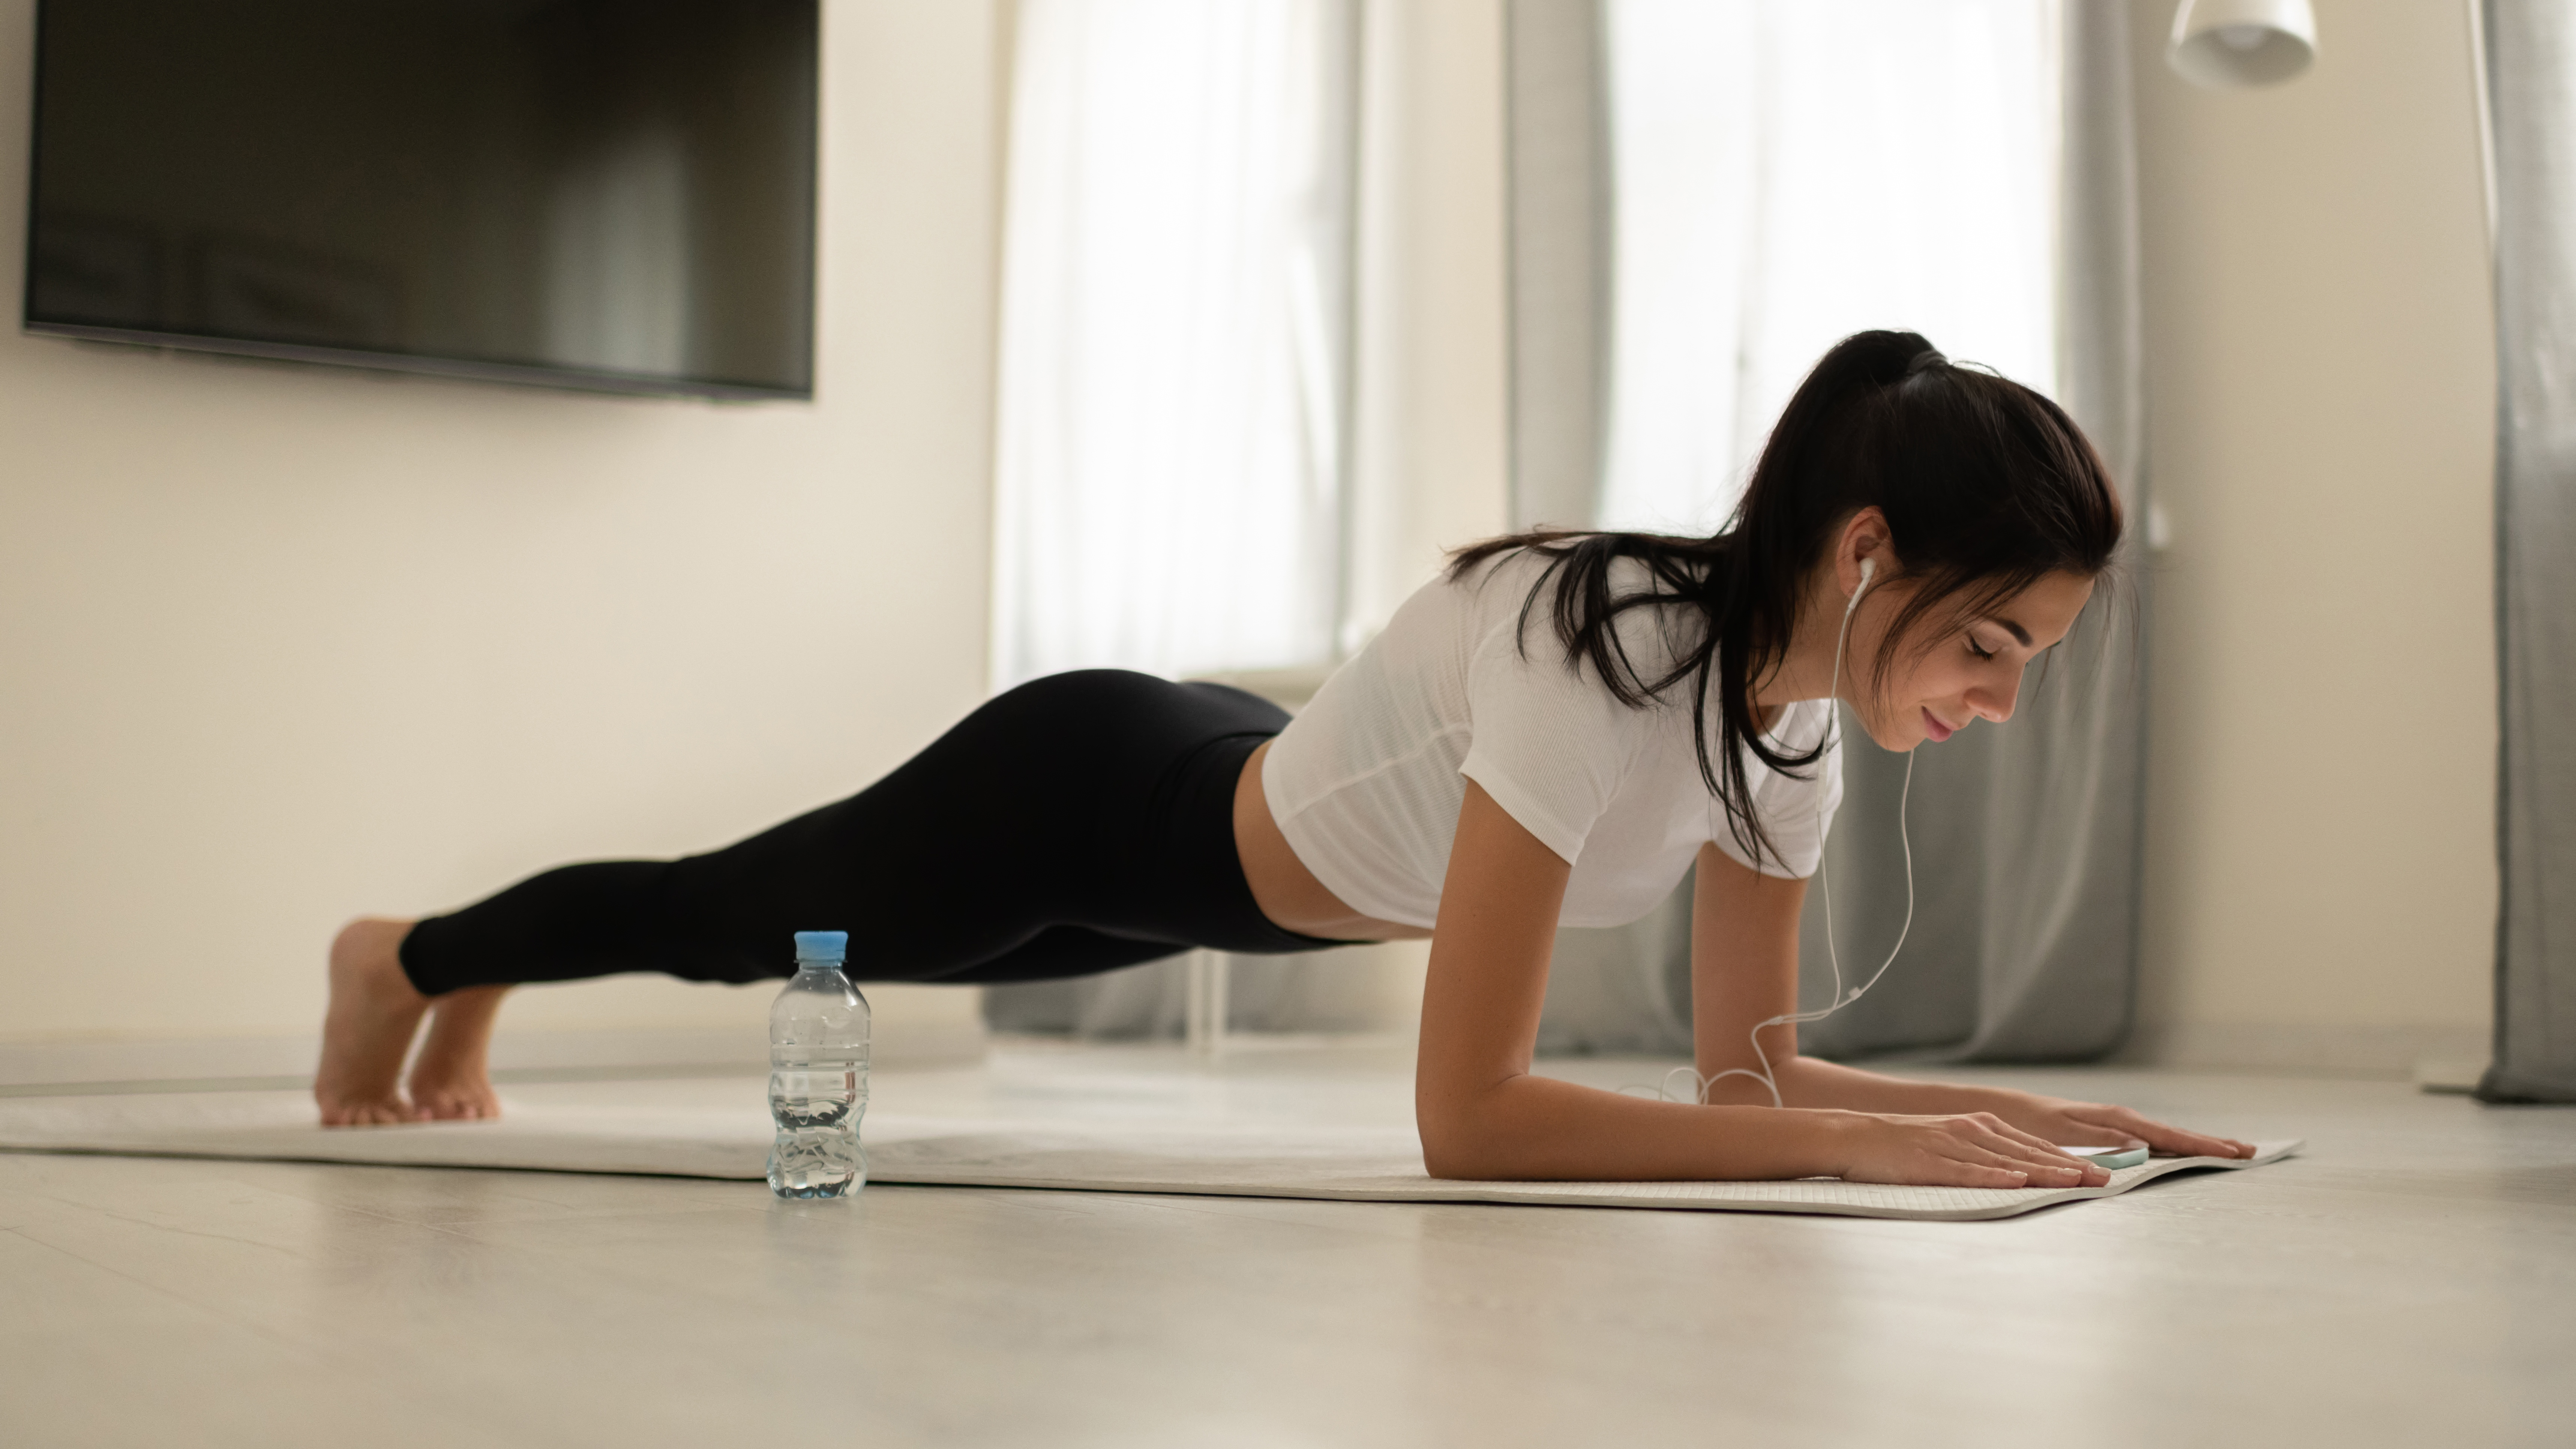 Attività fisica in casa: i consigli per farla in sicurezza